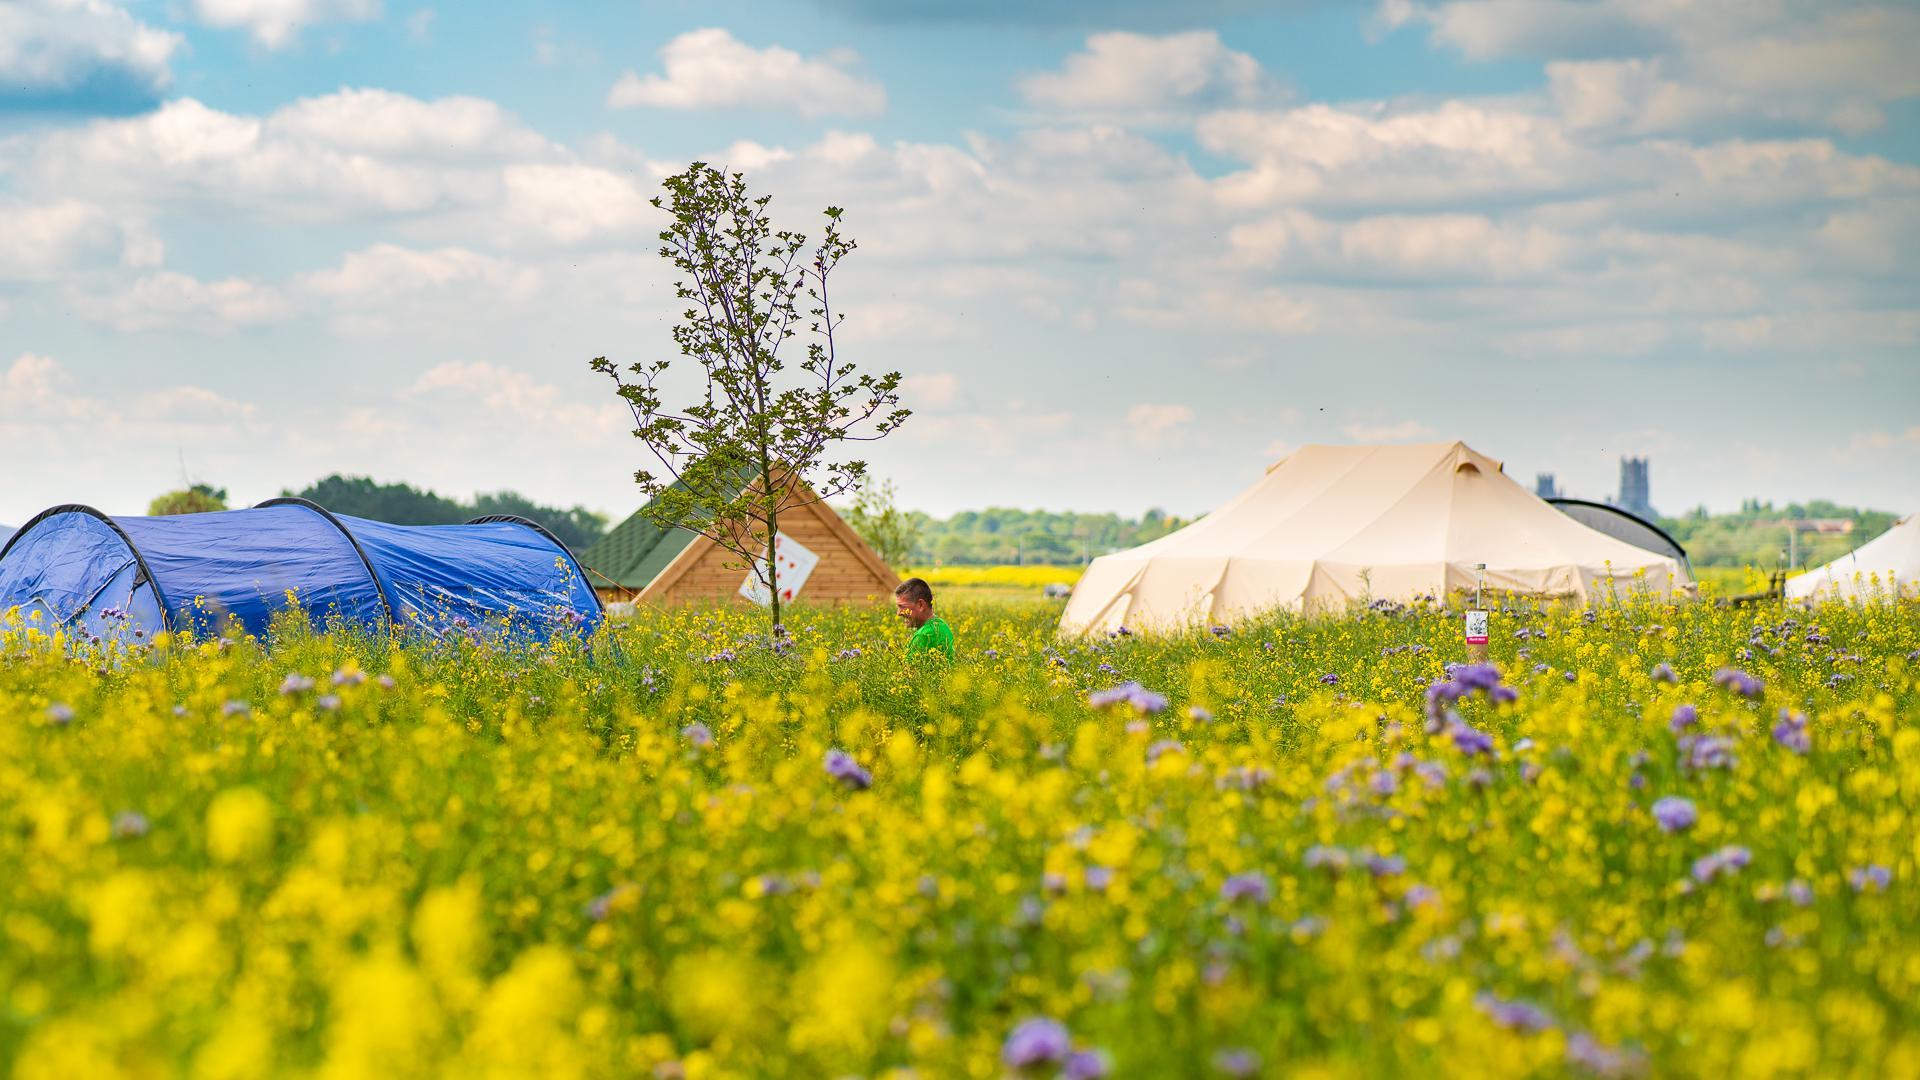 Campsites in Cambridgeshire – I Love This Campsite